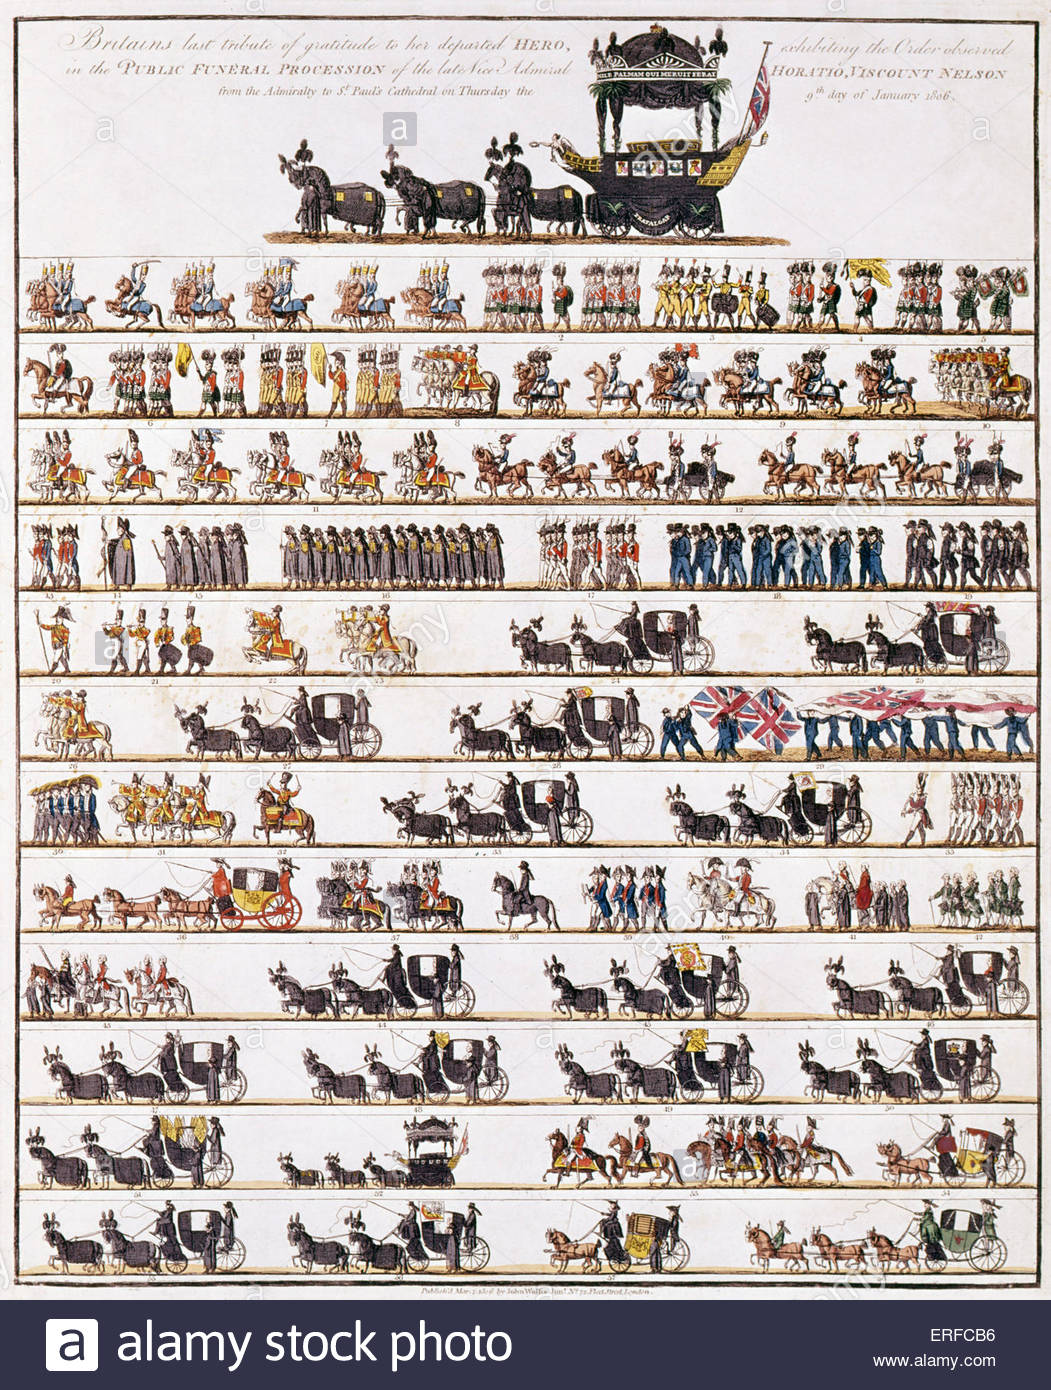 Illustration de la procession funéraire de l'Amiral Lord Nelson, de l'Amirauté à la Cathédrale Photo Stock